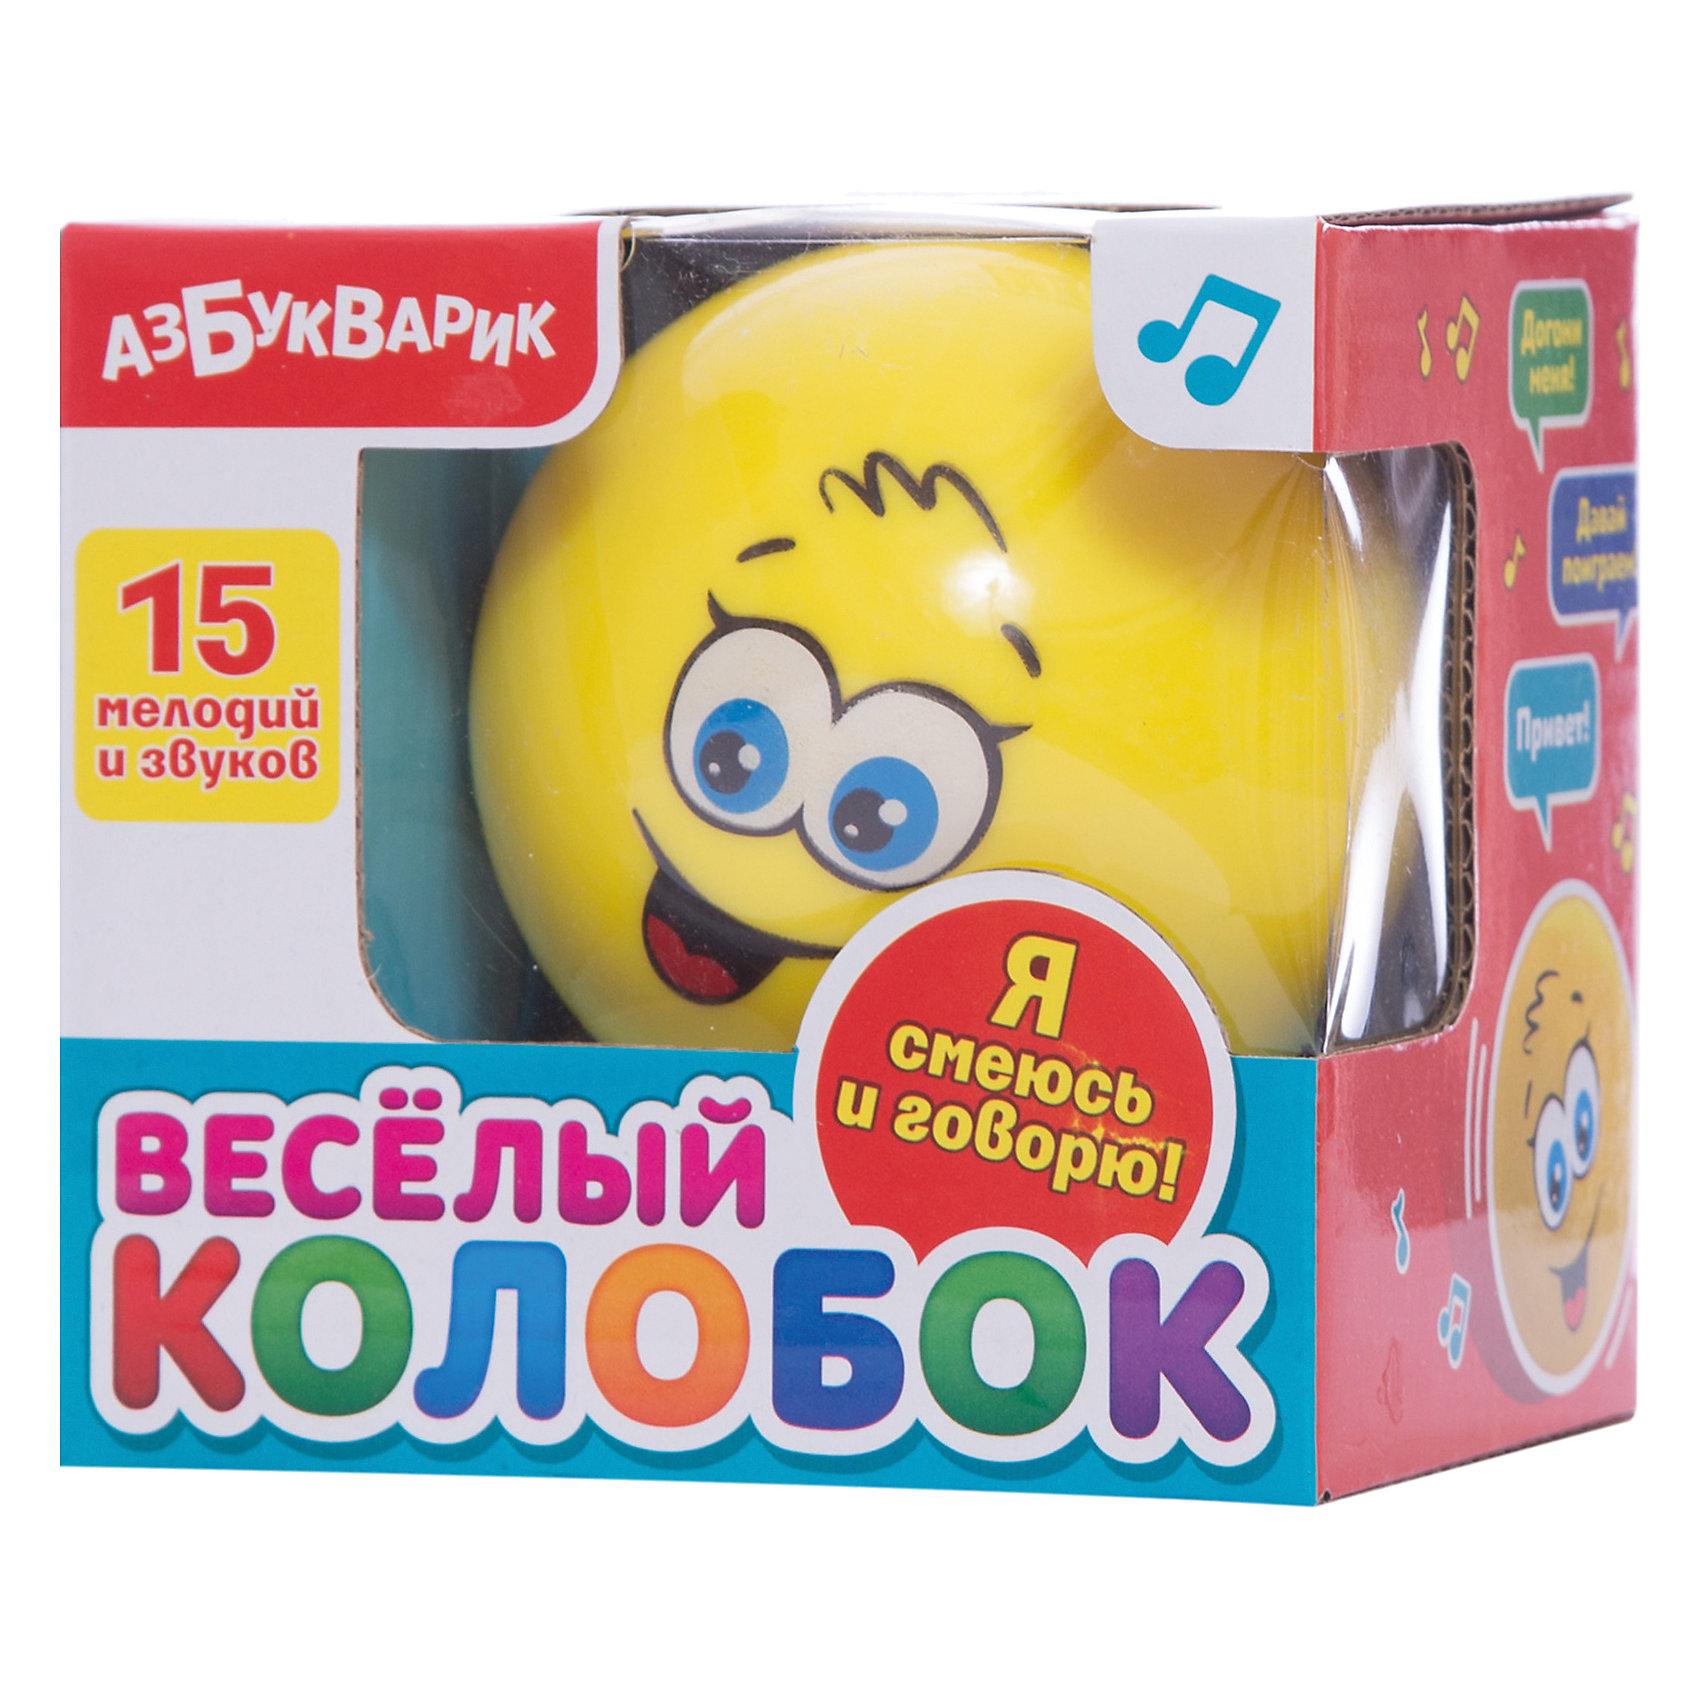 Музыкальная игрушка Веселый колобок, цвет желтый, АзбукварикАзбукварик<br>Музыкальная игрушка Веселый колобок, цвет желтый, Азбукварик.<br><br>Характеристики:<br><br>• Для детей в возрасте от 3 лет<br>• Особенности: 15 мелодий и звуков<br>• Диаметр игрушки: 8 см.<br>• Материал: качественная пластмасса с элементами из металла<br>• Цвет: желтый<br>• Батарейки: 3 x AG13 / LR44 (входят в комплект)<br>• Упаковка: картонная коробка<br>• Размер упаковки: 9 х 9 х 9 см.<br><br>Веселый колобок станет любимой игрушкой вашего малыша! Ребенок сможет катать его по полу, как мячик, и слушать забавные звуки и мелодии. Колобок всегда улыбается – и малыш будет обязательно улыбаться в ответ!<br><br>Музыкальную игрушку Веселый колобок, цвет желтый, Азбукварик можно купить в нашем интернет-магазине.<br><br>Ширина мм: 800<br>Глубина мм: 800<br>Высота мм: 80<br>Вес г: 125<br>Возраст от месяцев: 24<br>Возраст до месяцев: 48<br>Пол: Унисекс<br>Возраст: Детский<br>SKU: 5577787